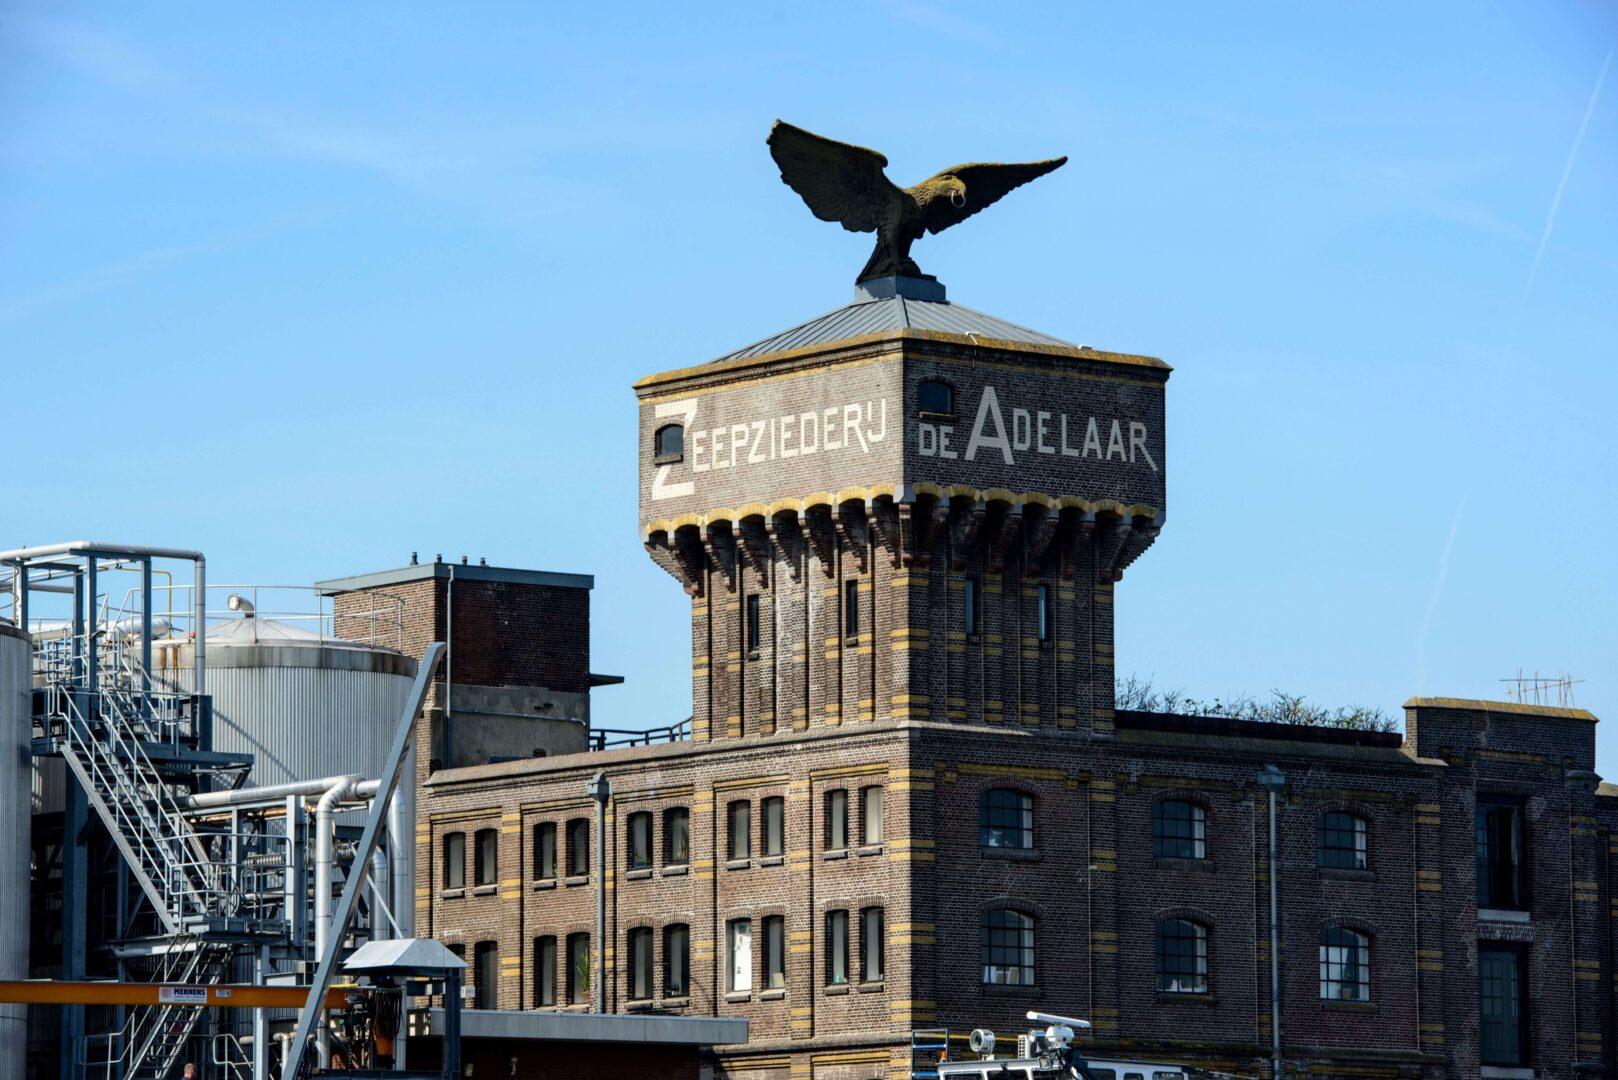 Architect-industrieel-monument-Adelaar-Zaandam-architectenbureau-Noord-Holland-Zijlstra-Schipper-Architecten-Wormerveer-Zaanbocht-Erfgoed-fotografie-Mike-Bink